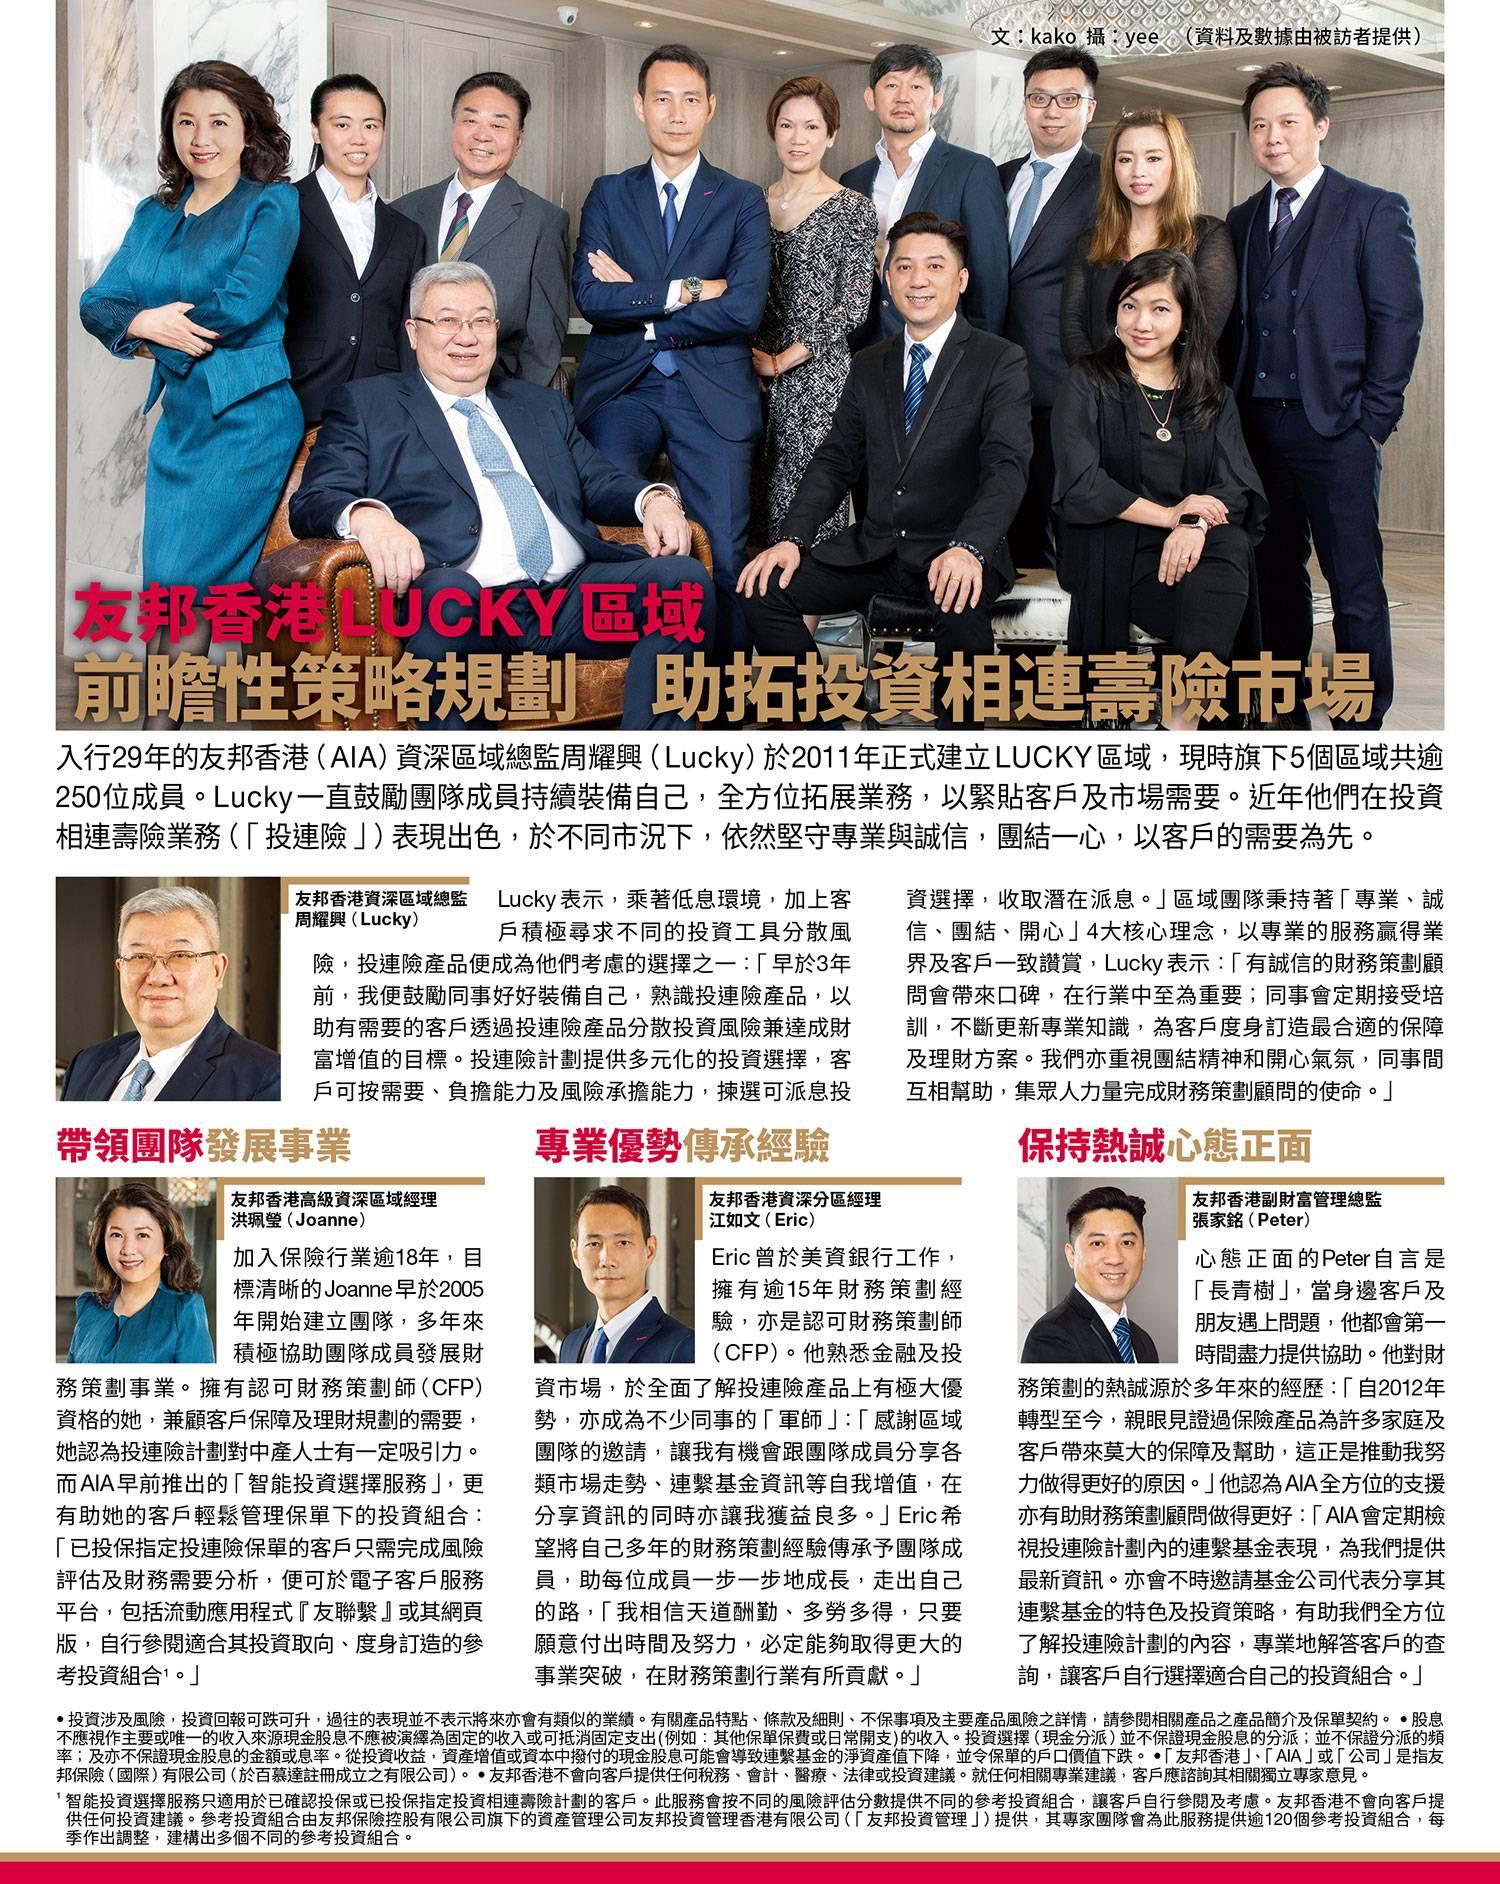 友邦香港LUCKY區域 前瞻性策略規劃 助拓投資相連壽險市場